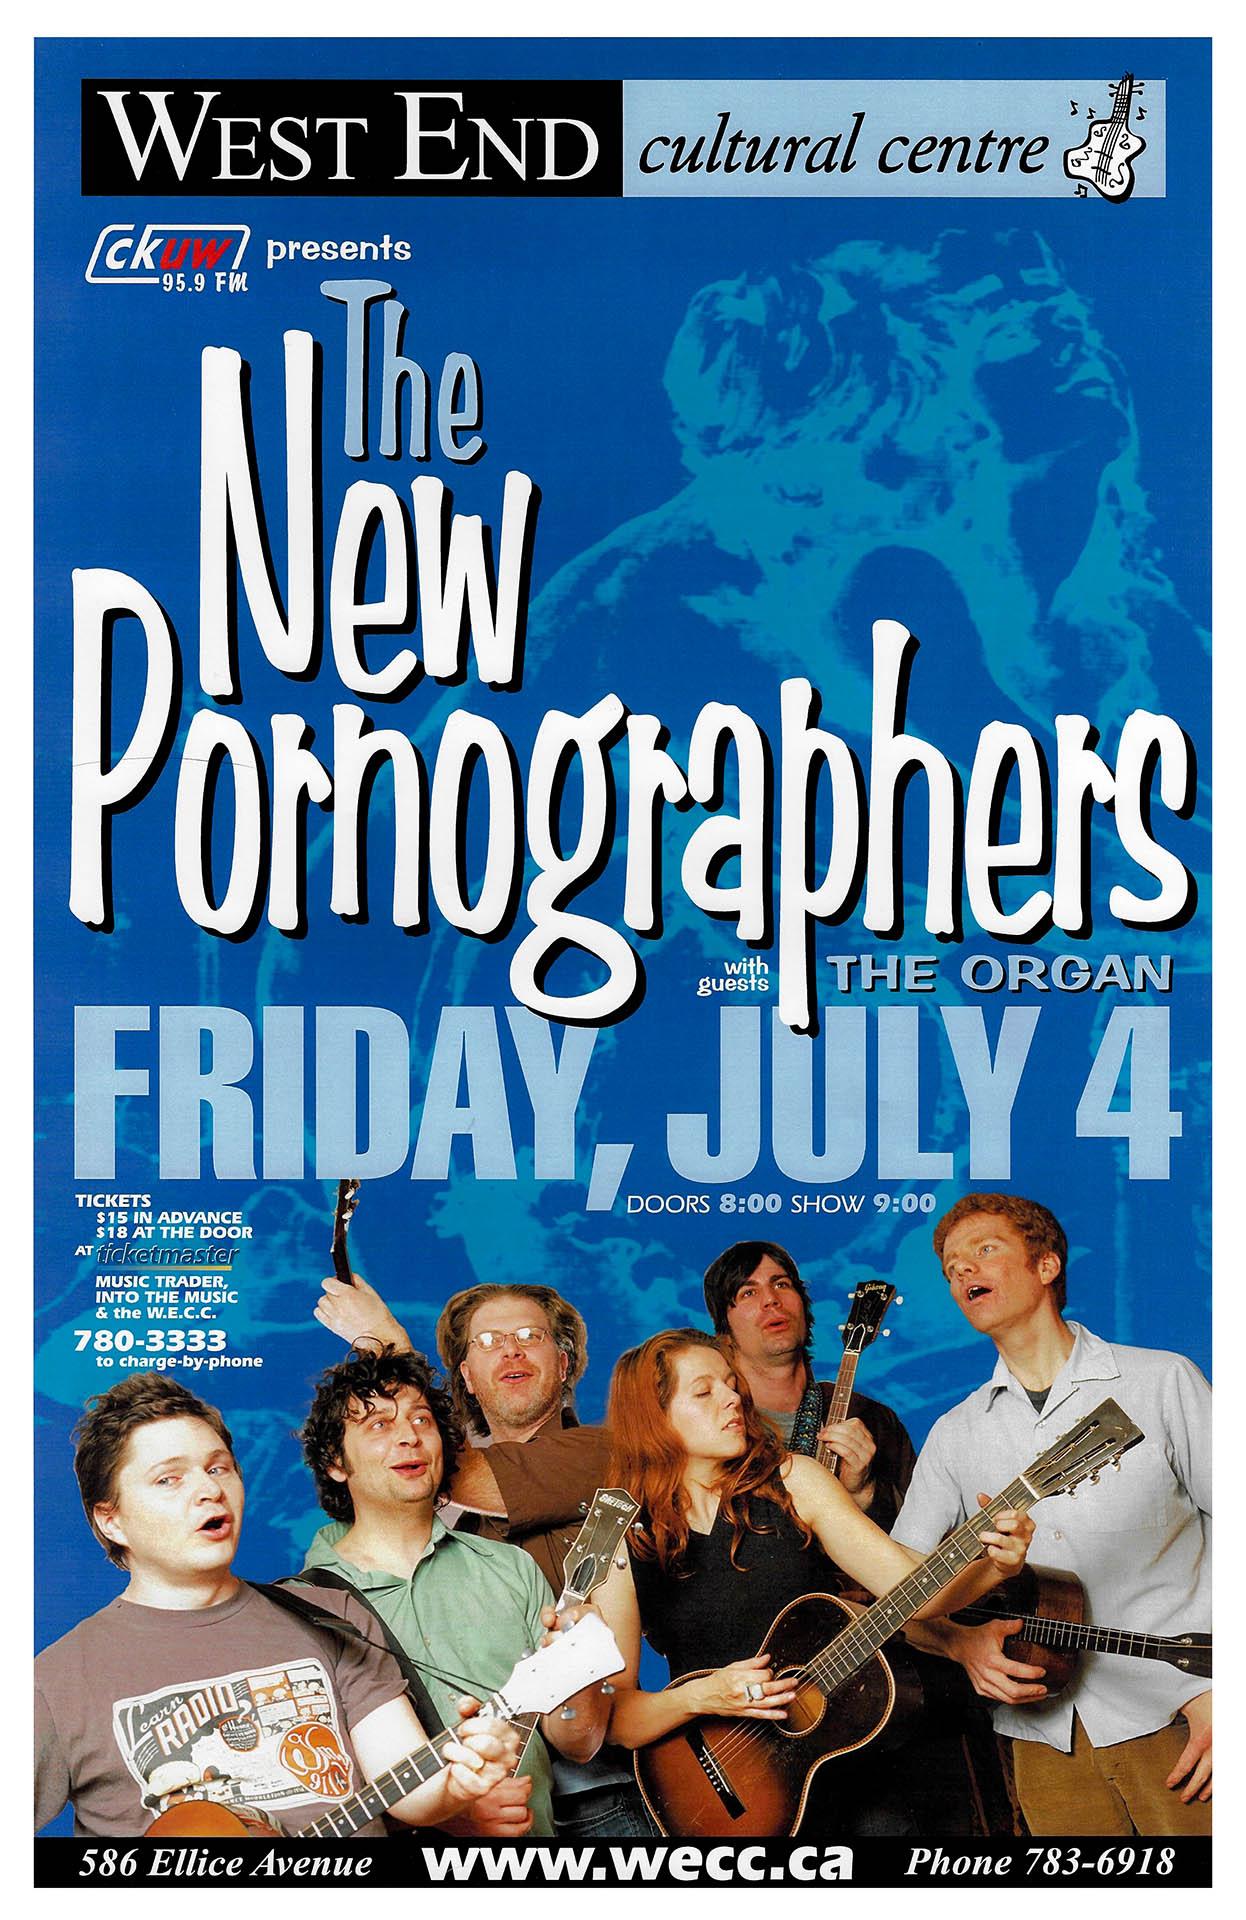 The New Pornographers - 2003